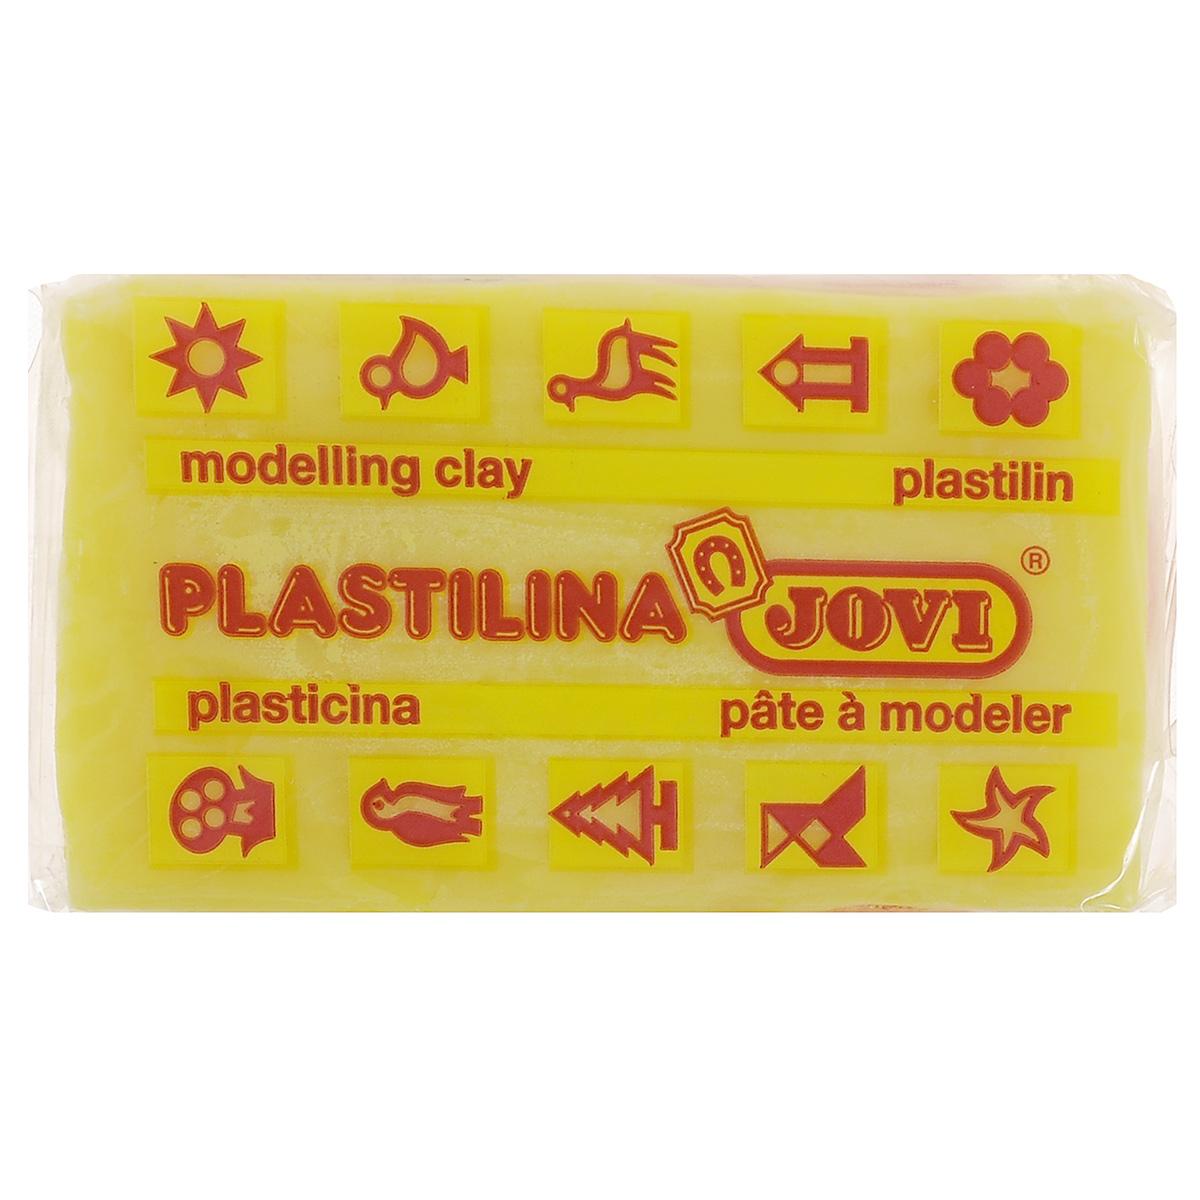 Jovi Пластилин, цвет: лимонный, 50 г70/30U_лимонныйПластилин Jovi - лучший выбор для лепки, он обладает превосходными изобразительными возможностями и поэтому дает простор воображению и самым смелым творческим замыслам. Пластилин, изготовленный на растительной основе, очень мягкий, легко разминается и смешивается, не пачкает руки и не прилипает к рабочей поверхности. Пластилин пригоден для создания аппликаций и поделок, ручной лепки, моделирования на каркасе, пластилиновой живописи - рисовании пластилином по бумаге, картону, дереву или текстилю. Пластические свойства сохраняются в течение 5 лет.